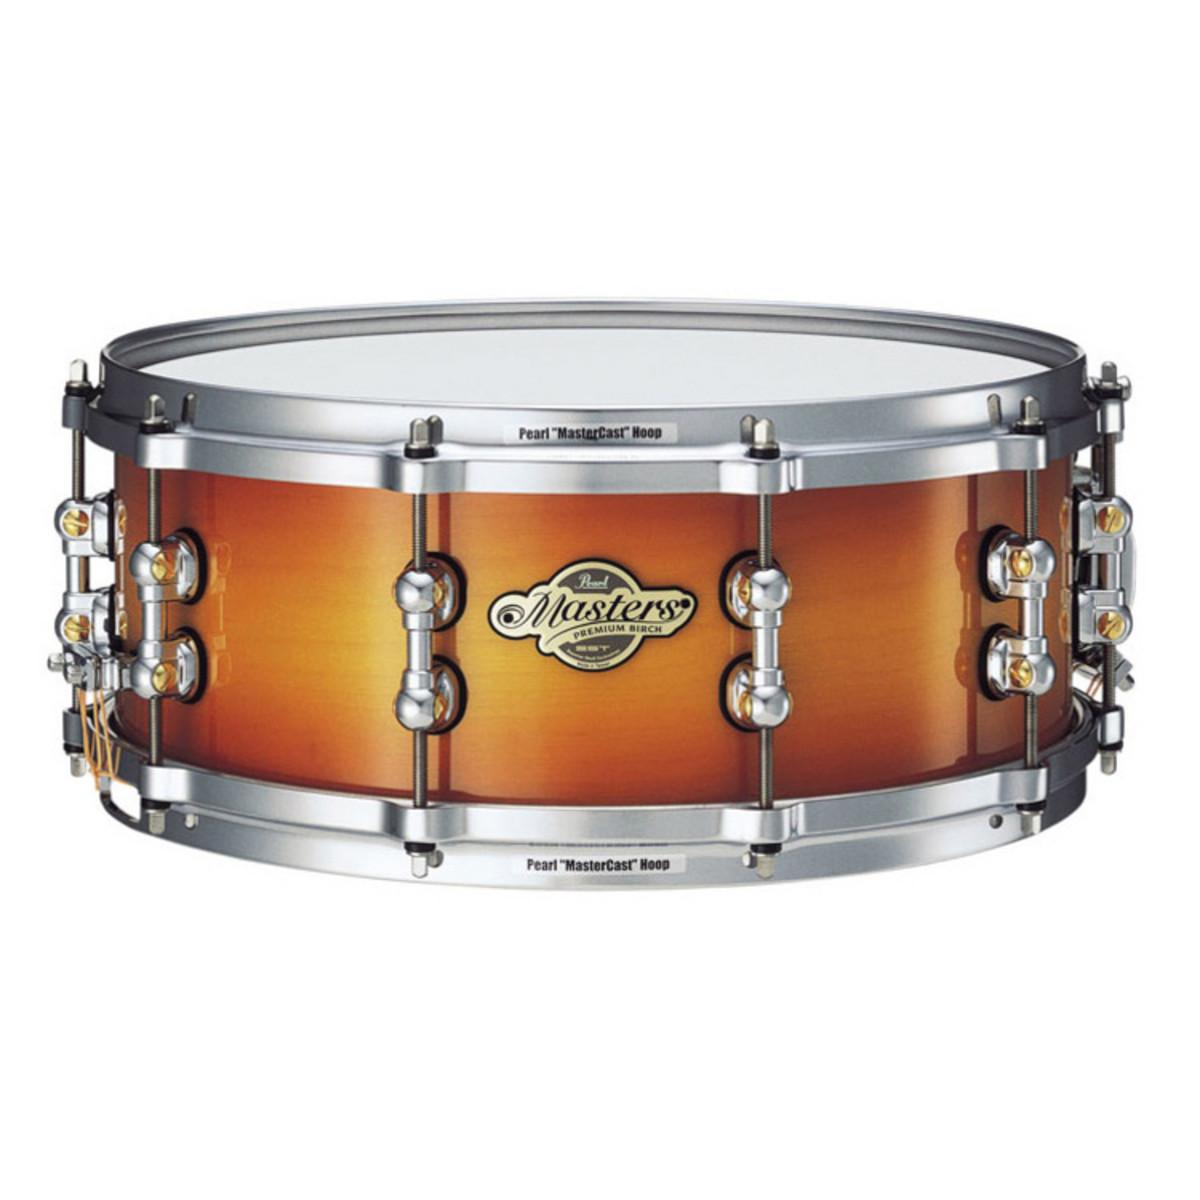 Pearl B4514 Snare Drum : disc pearl masters premium snare drum 14 x 6 5 sapphire sunburst at gear4music ~ Vivirlamusica.com Haus und Dekorationen